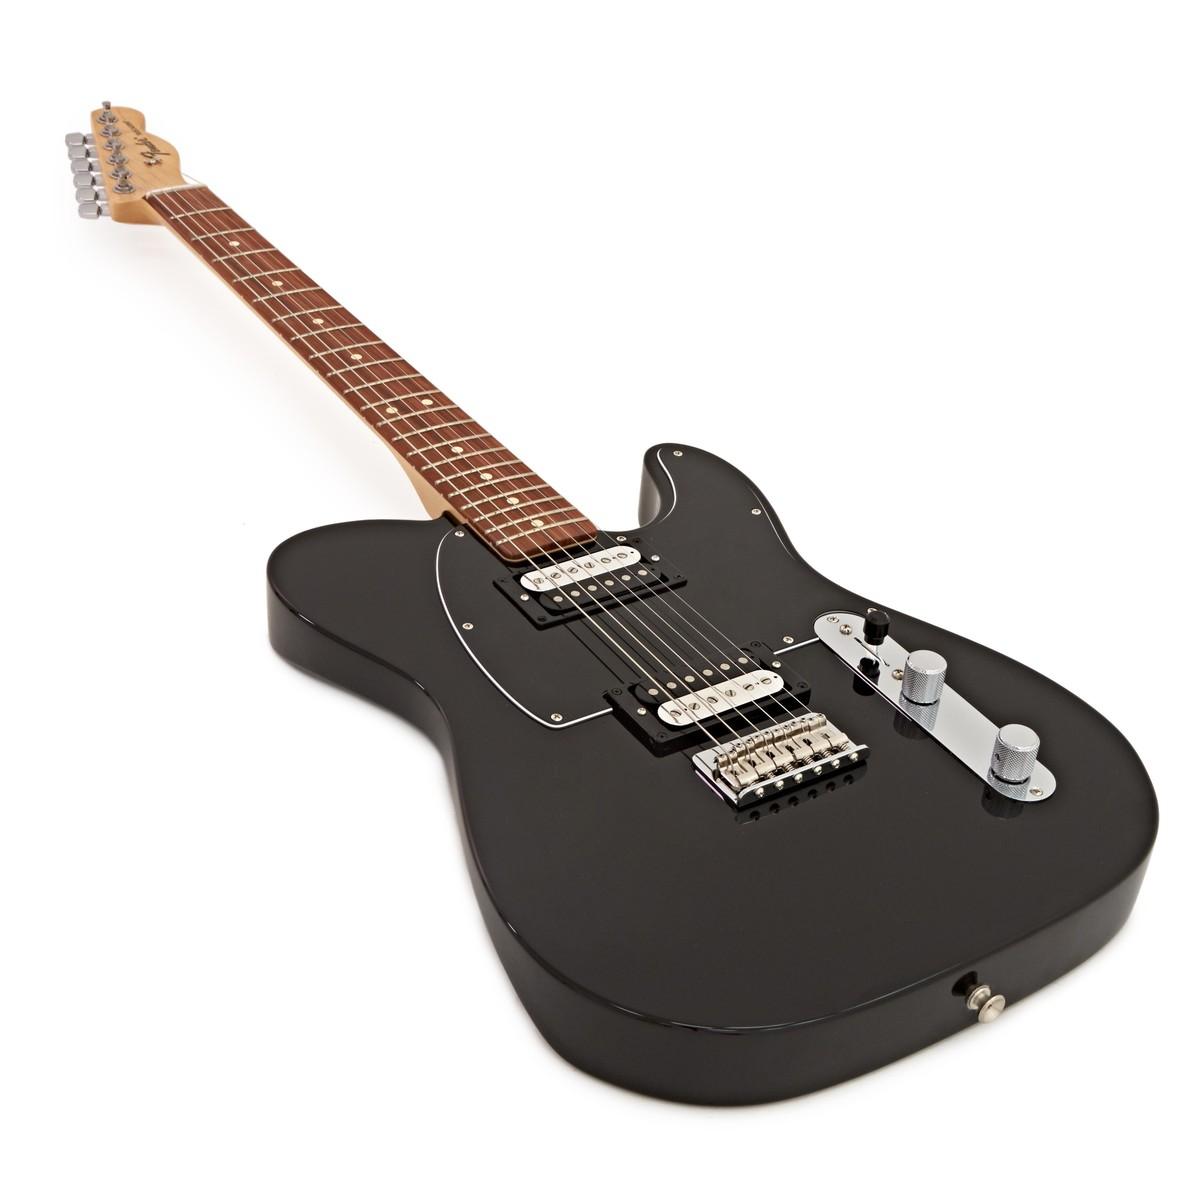 fender standard telecaster hh pau ferro black at. Black Bedroom Furniture Sets. Home Design Ideas